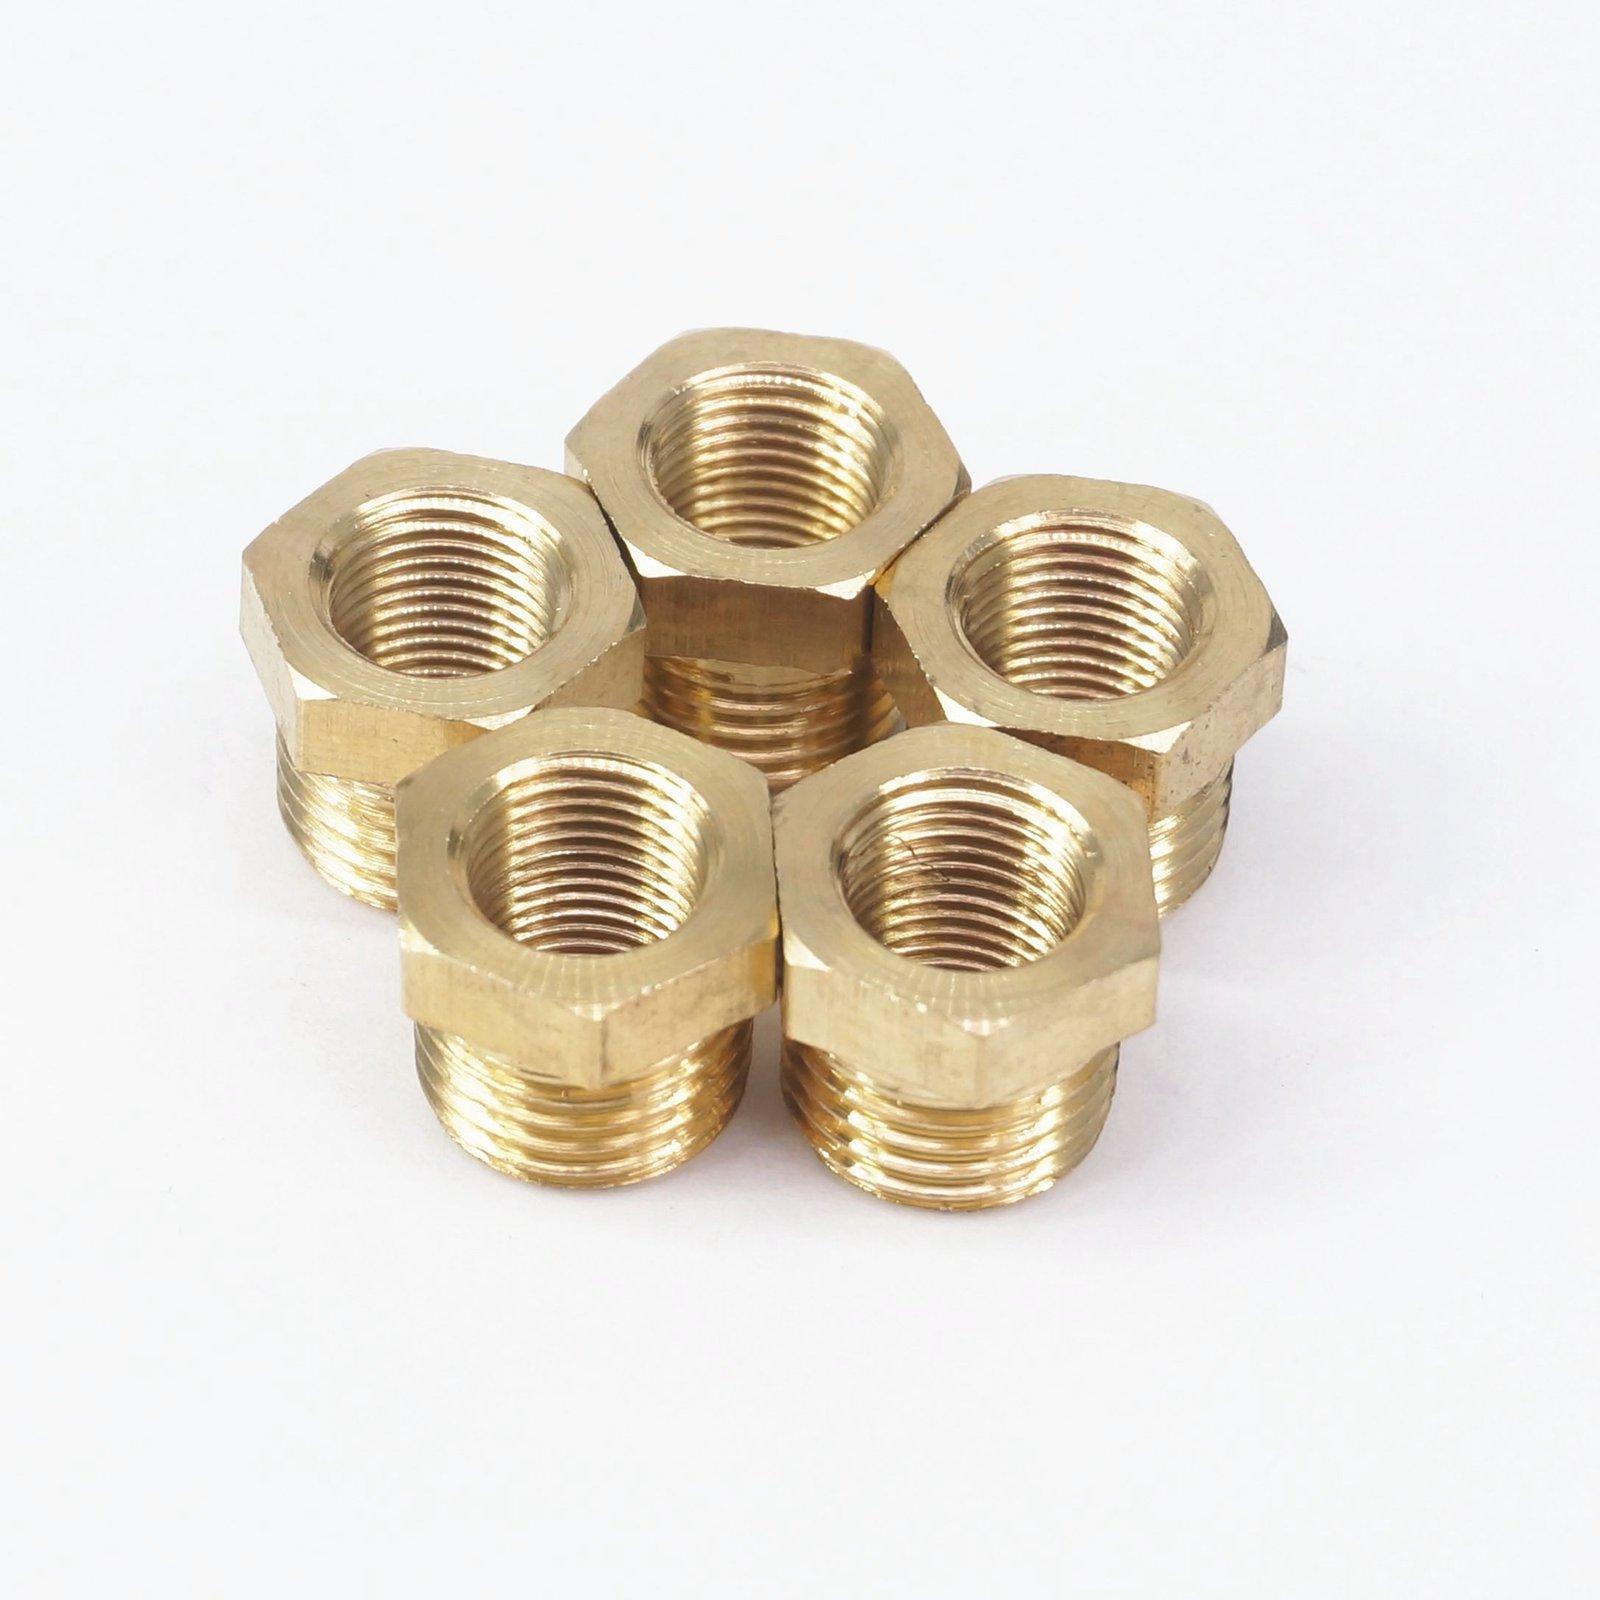 Brass Reducer 1/4